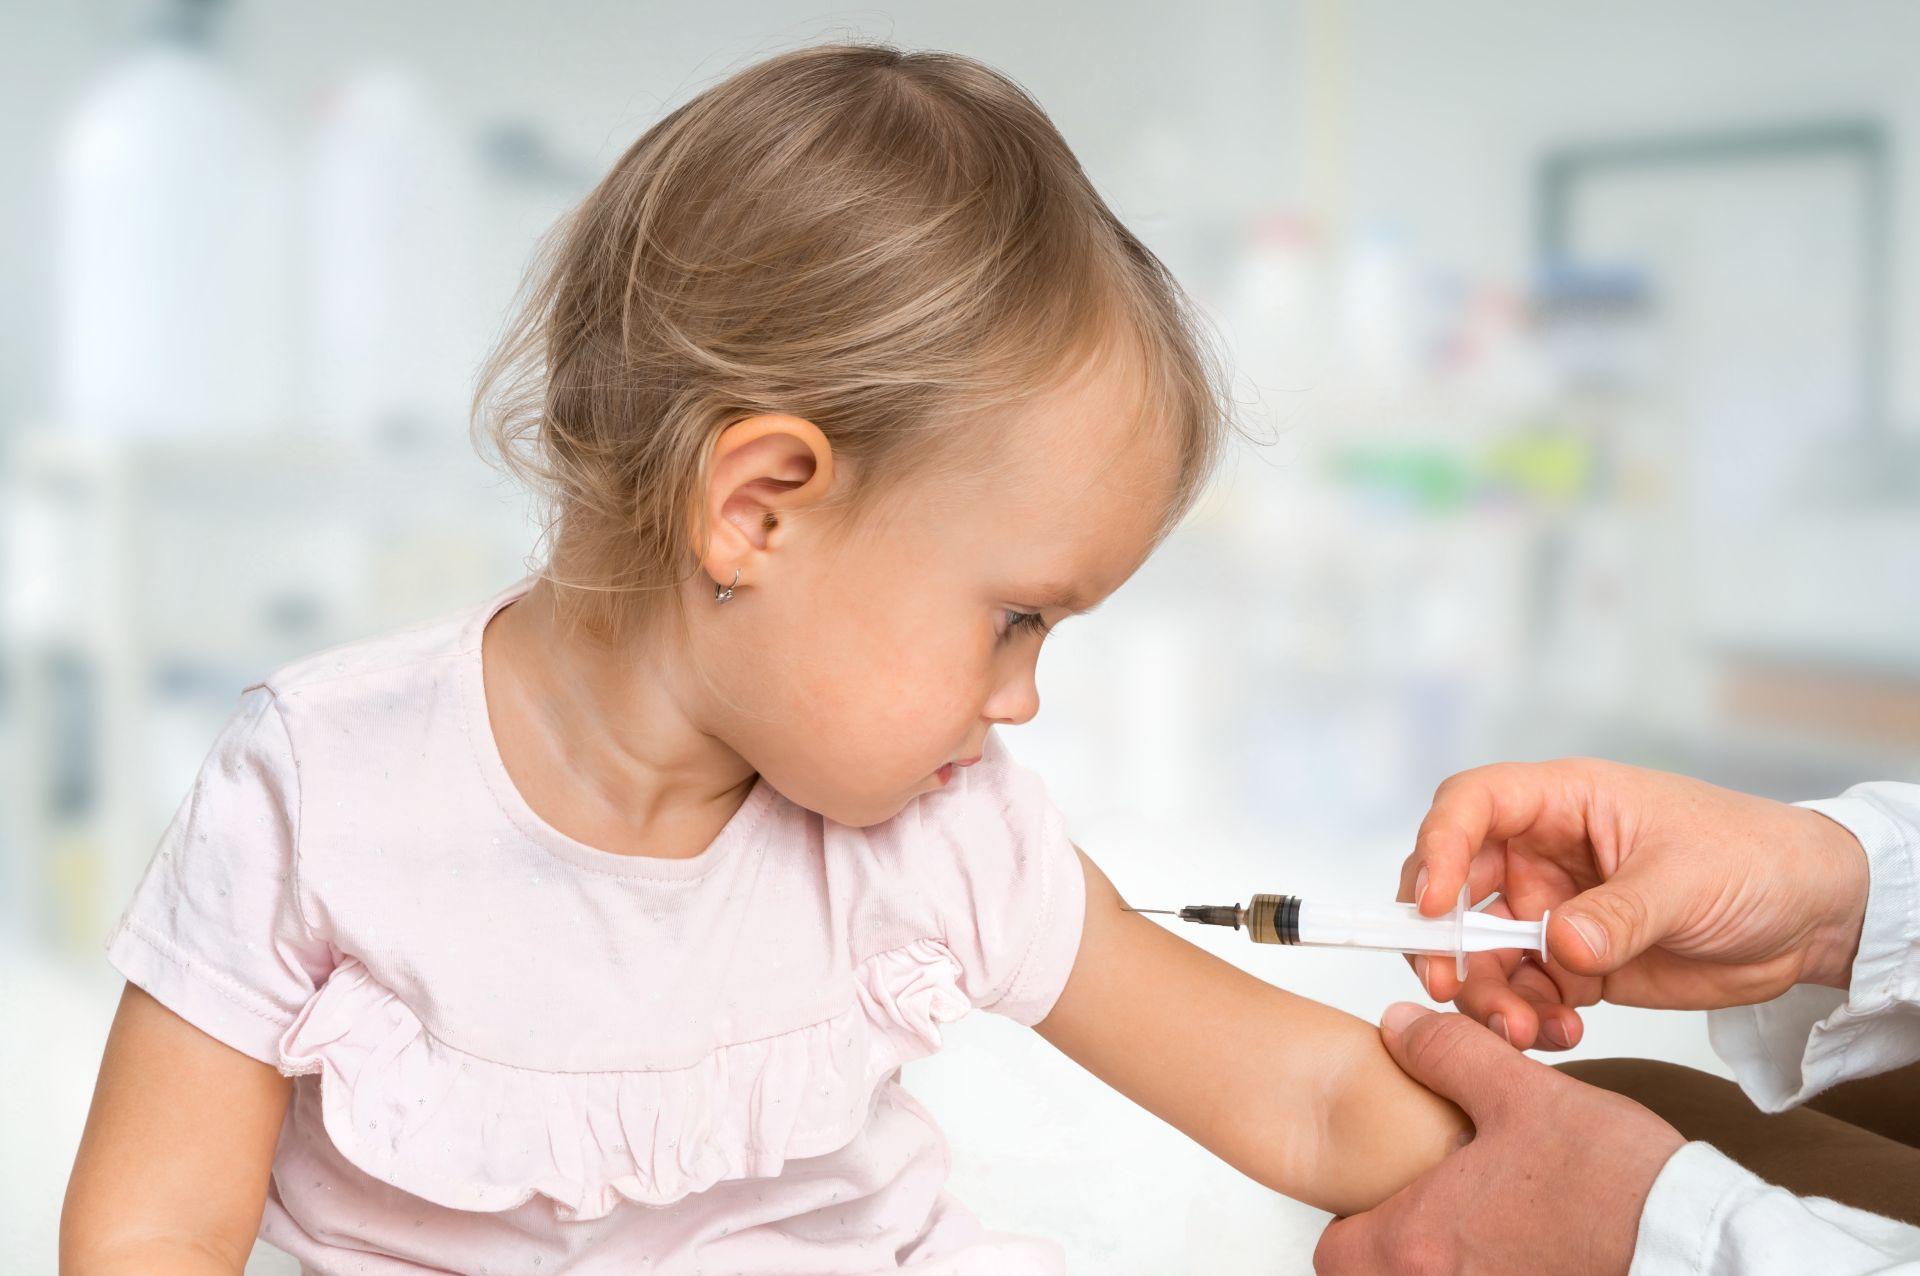 Crianças também fazem parte de grupo de risco para gripe ou influenza (Foto: Bigstock)